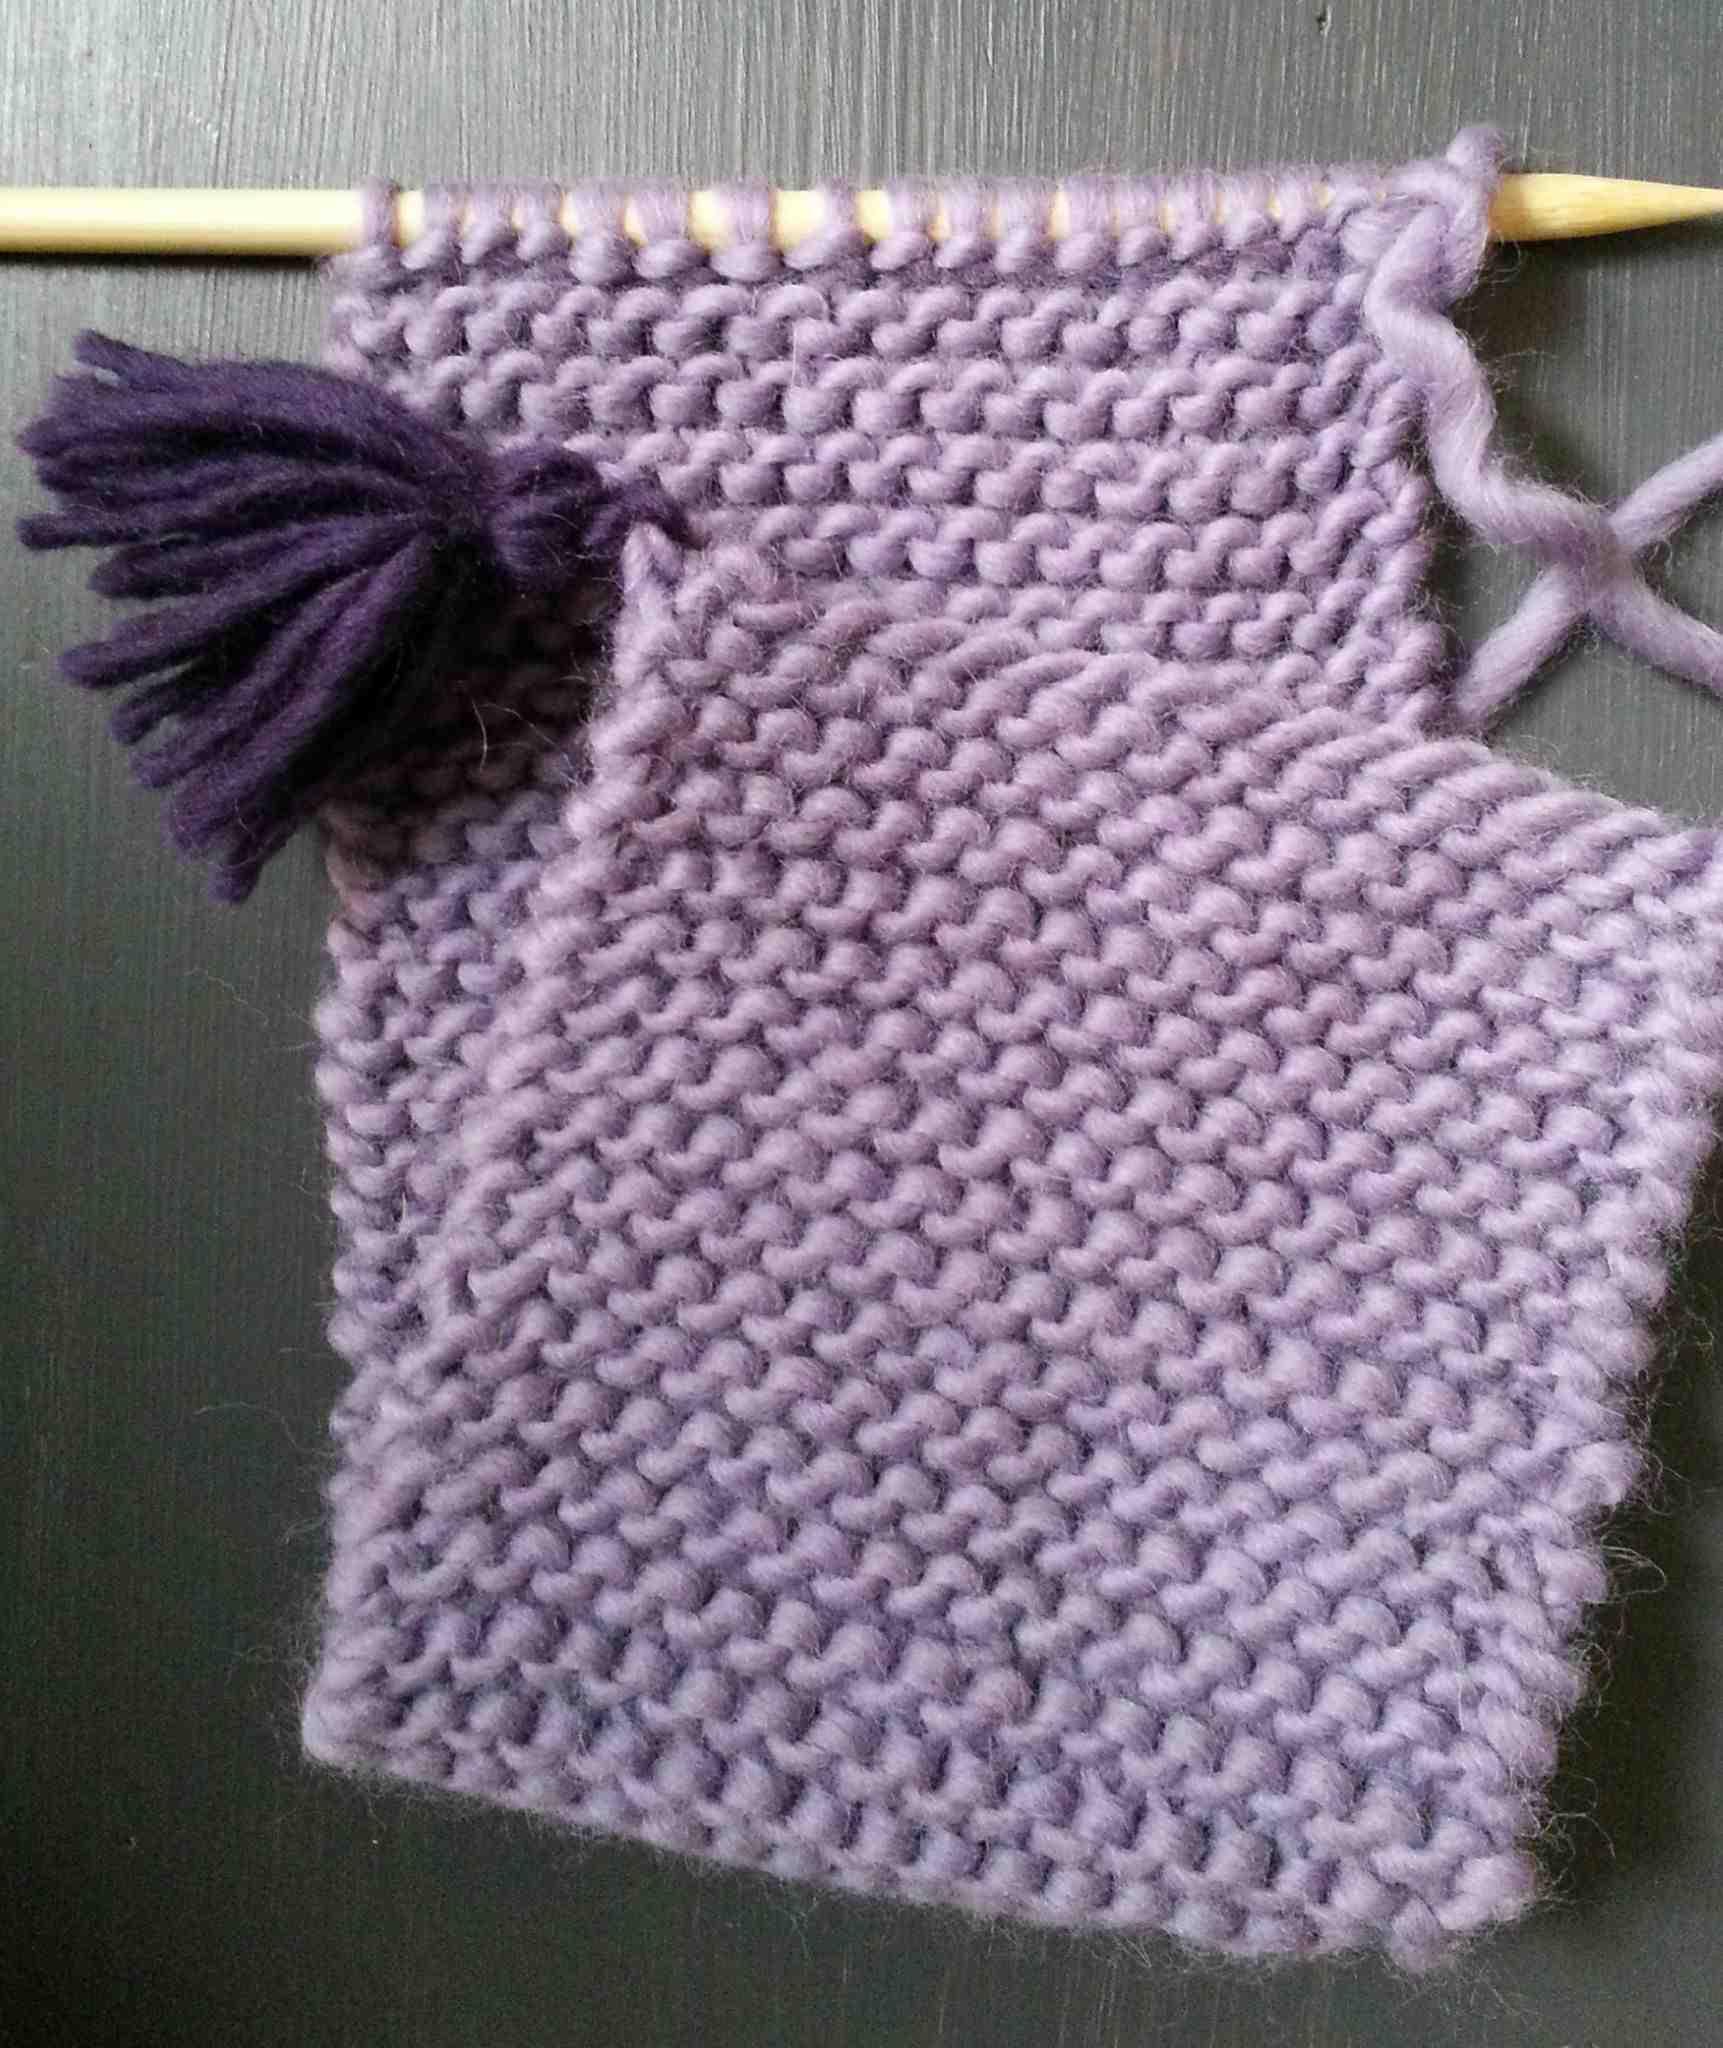 Comment reconnaître le tricot de la couture arrière droite?